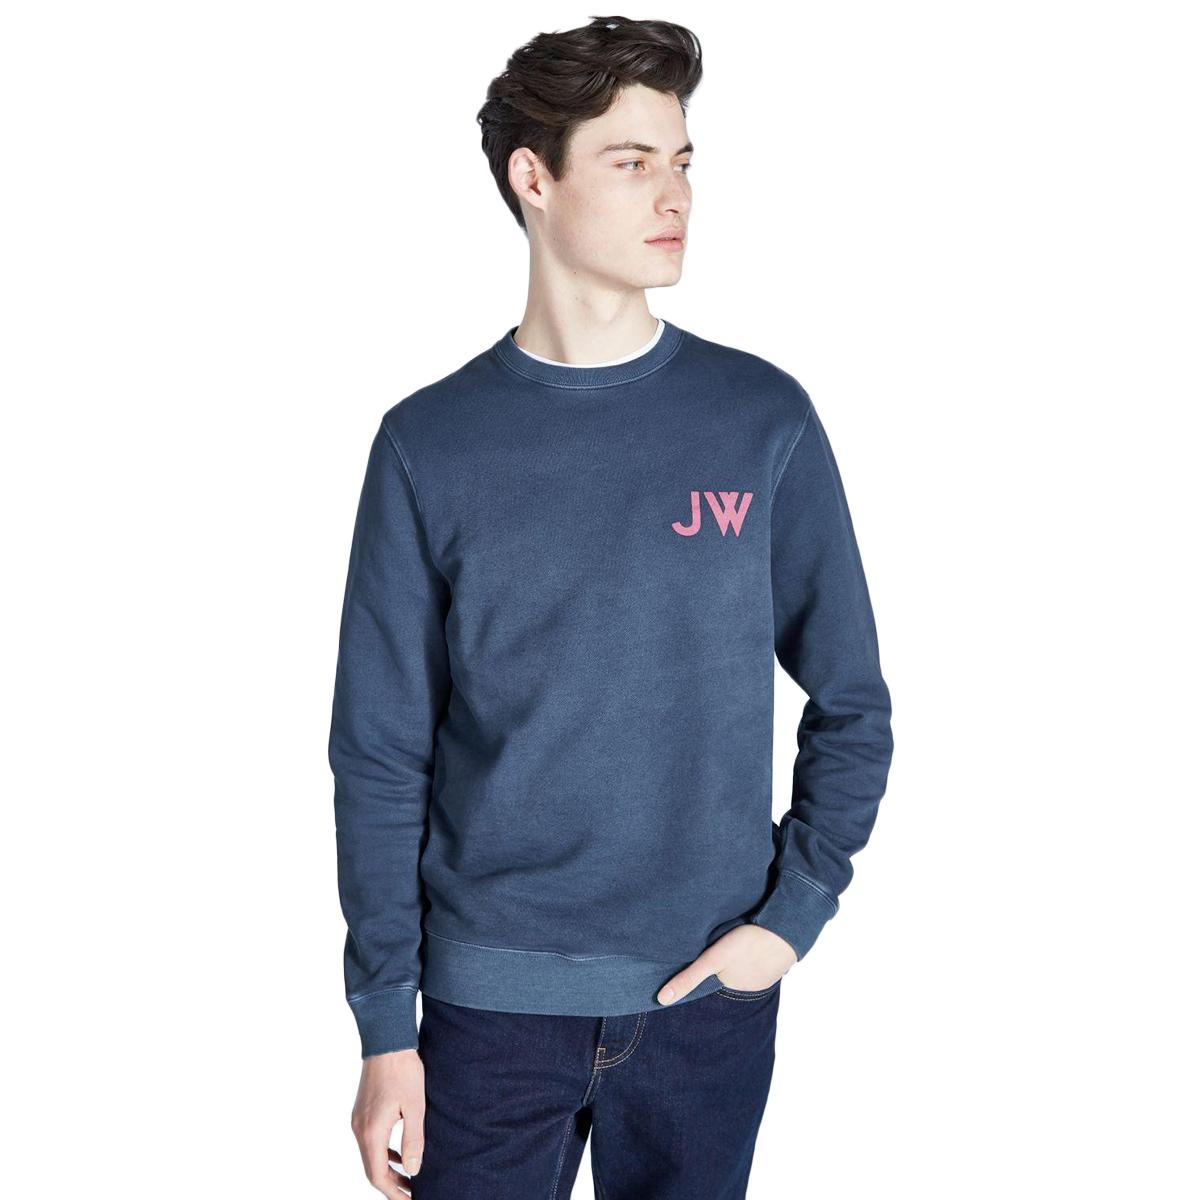 Jack Wills Men's Fairford Graphic Sweatshirt - Black, L